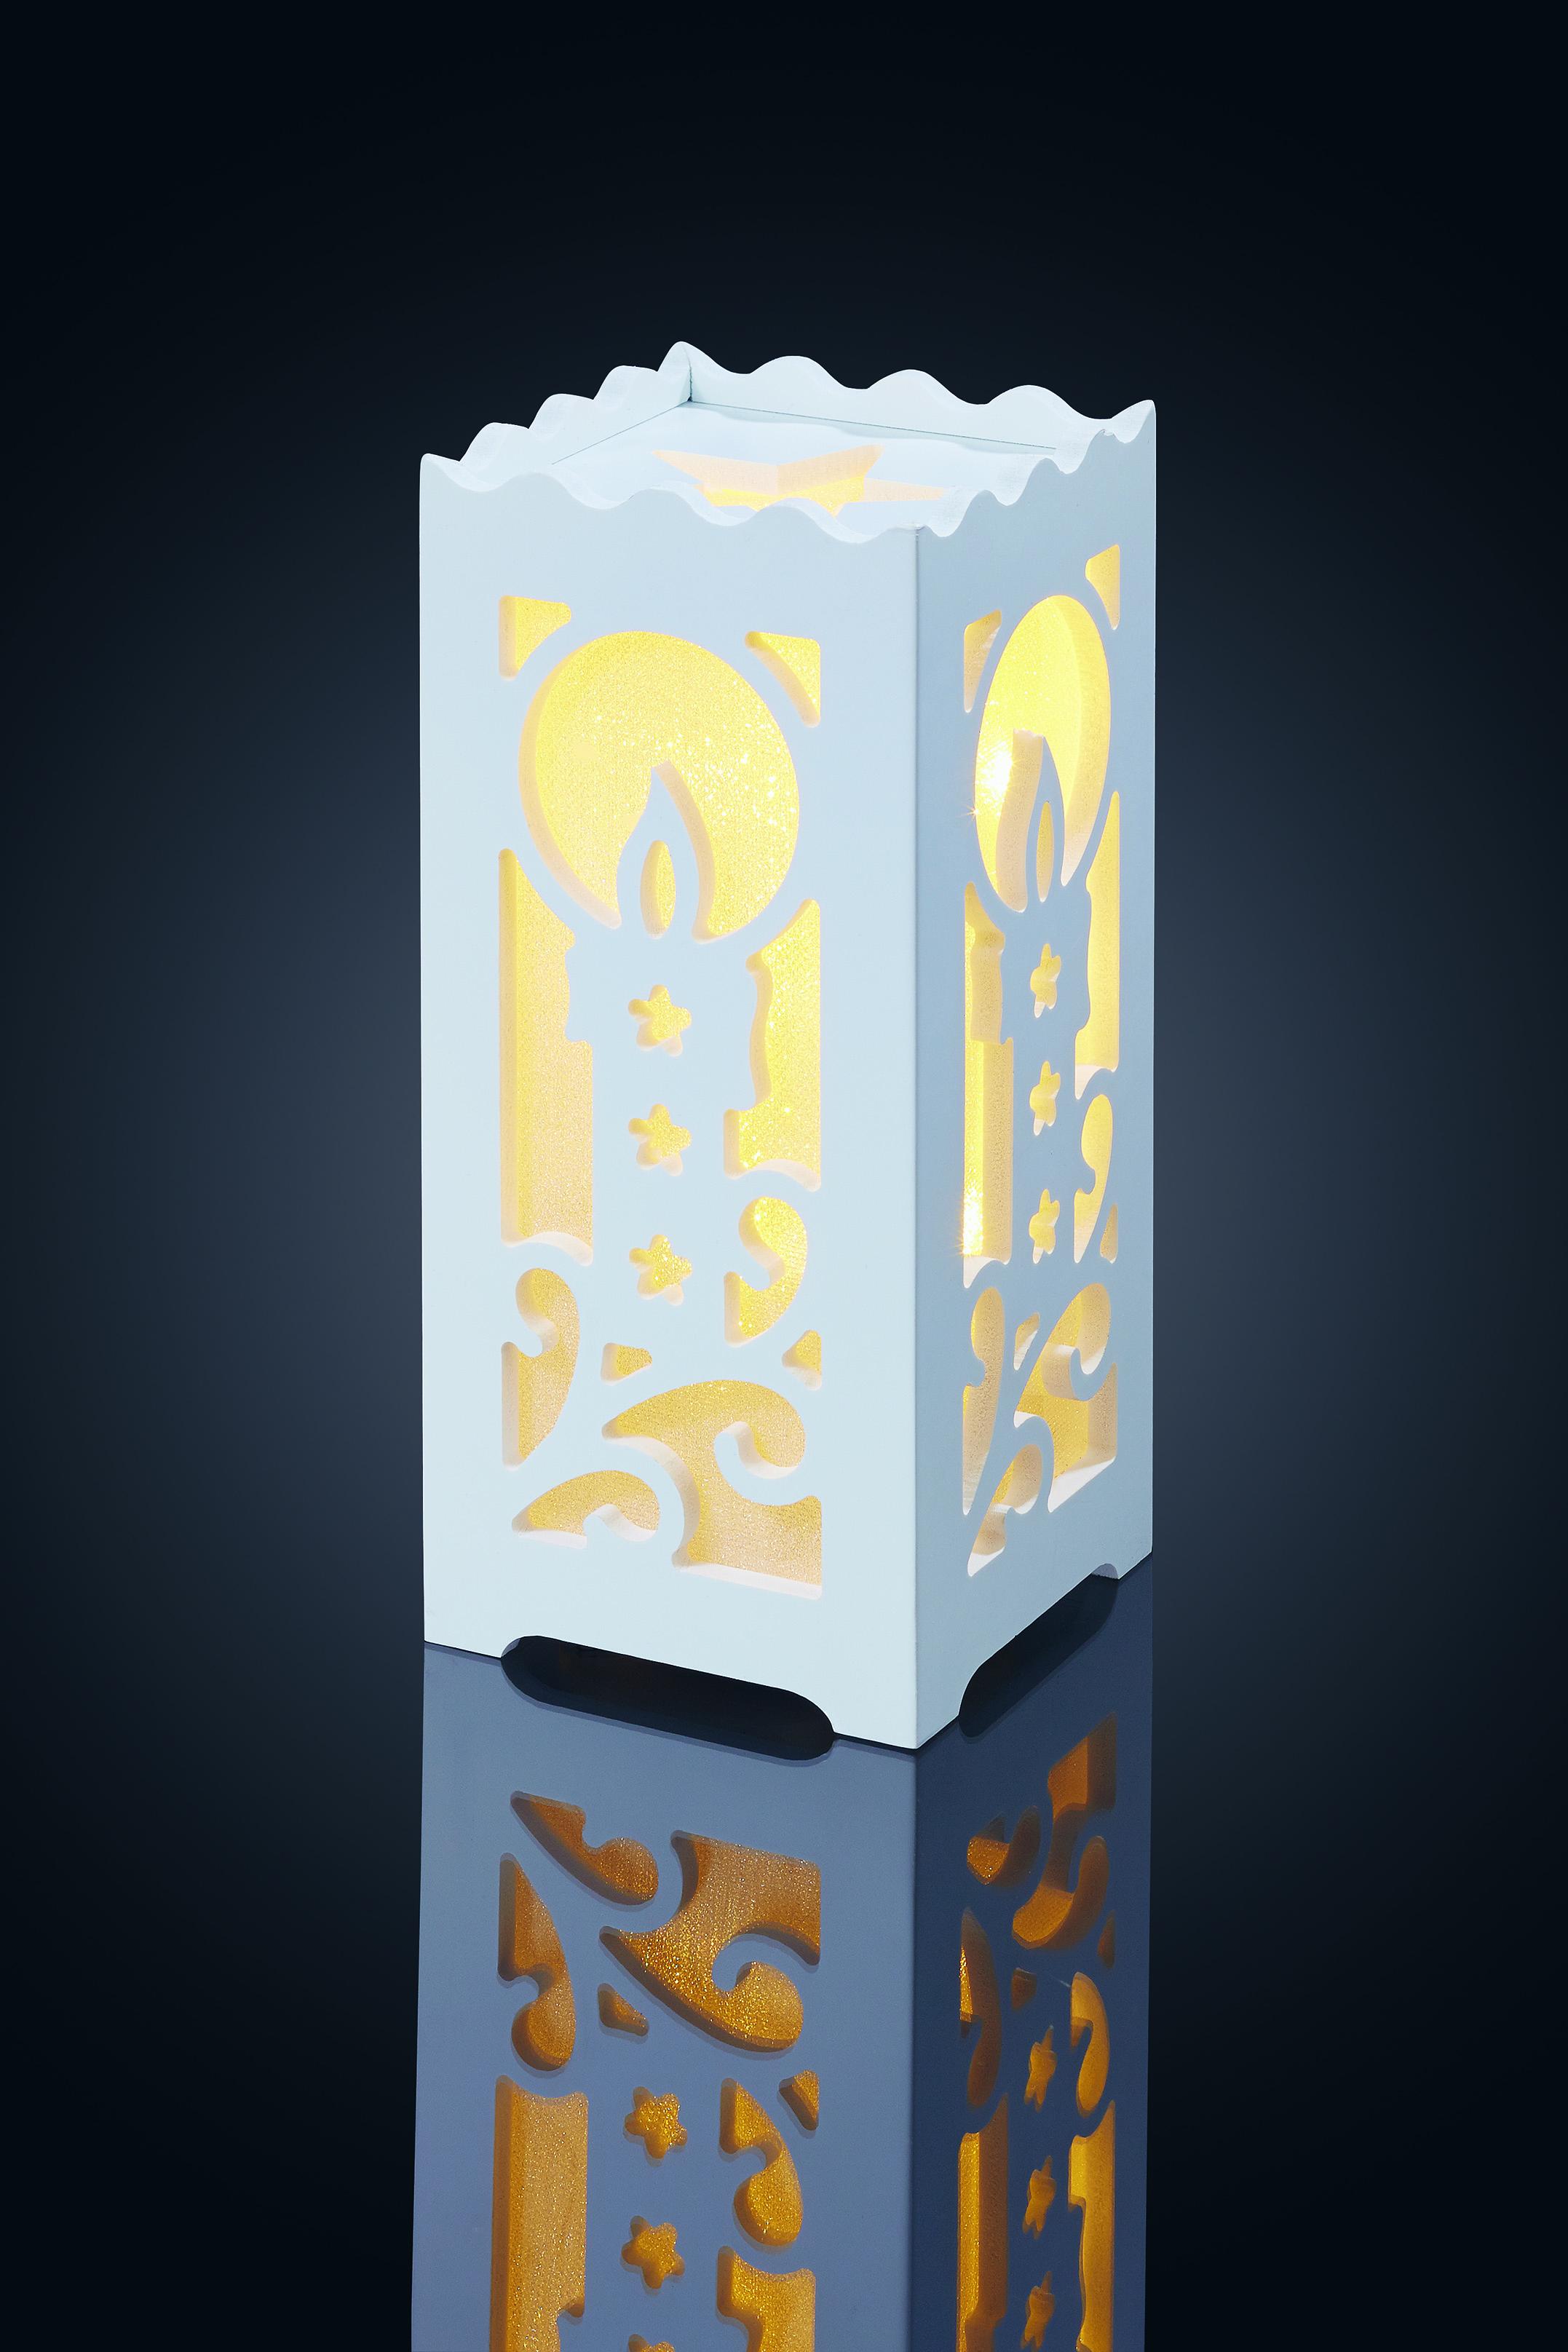 LED Kaktus grün Lampe Leuchte Deko 131 LED´s Indoor Nachtlicht Sihoulette Licht